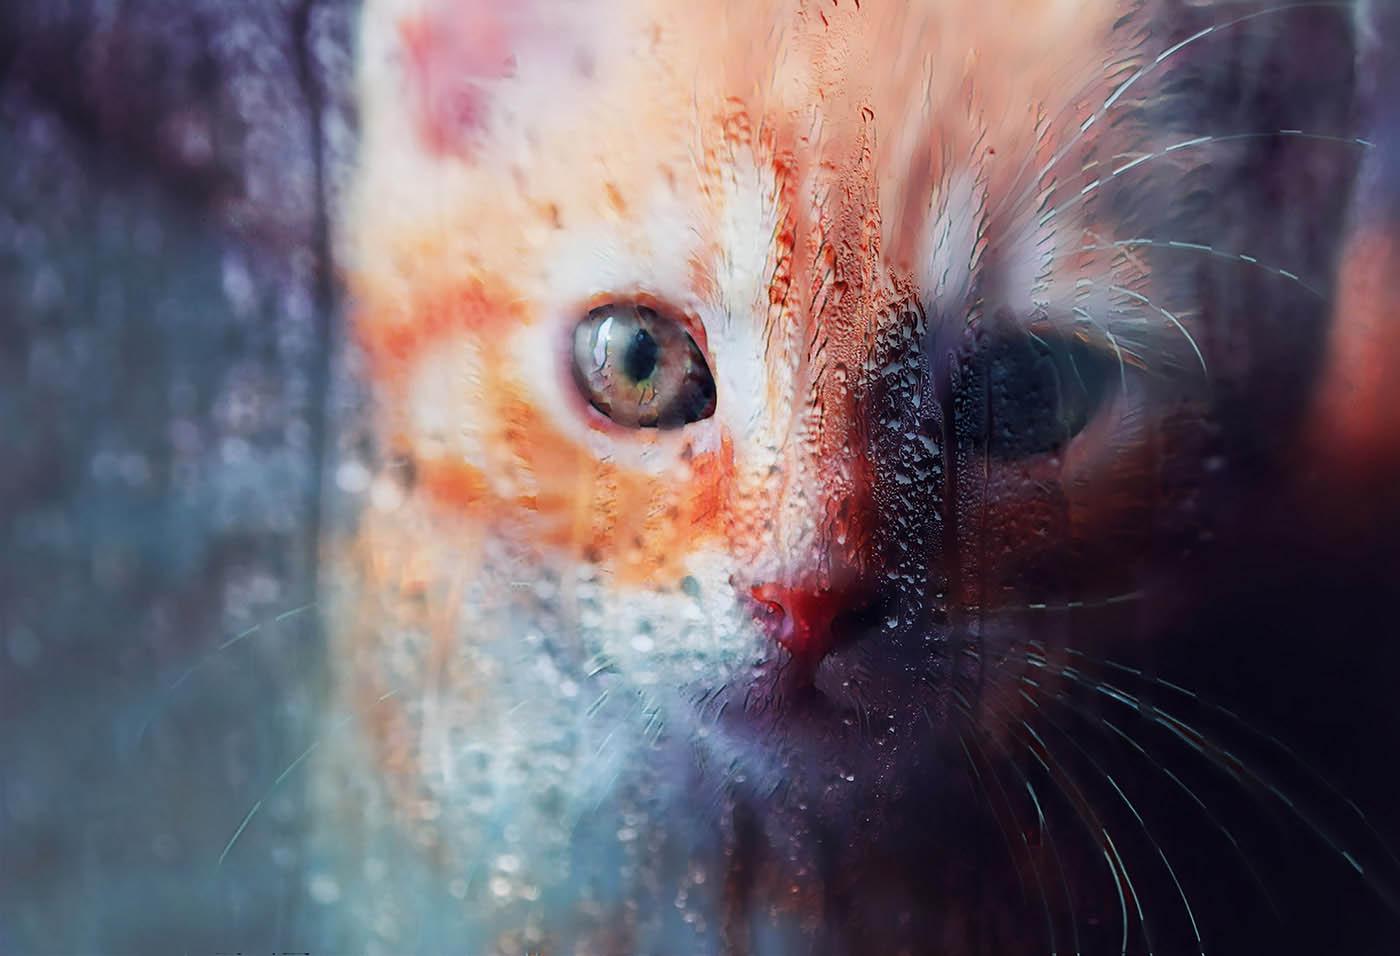 Sad Kity Cat Stock Photo - Royalty-Free Stock Imagery